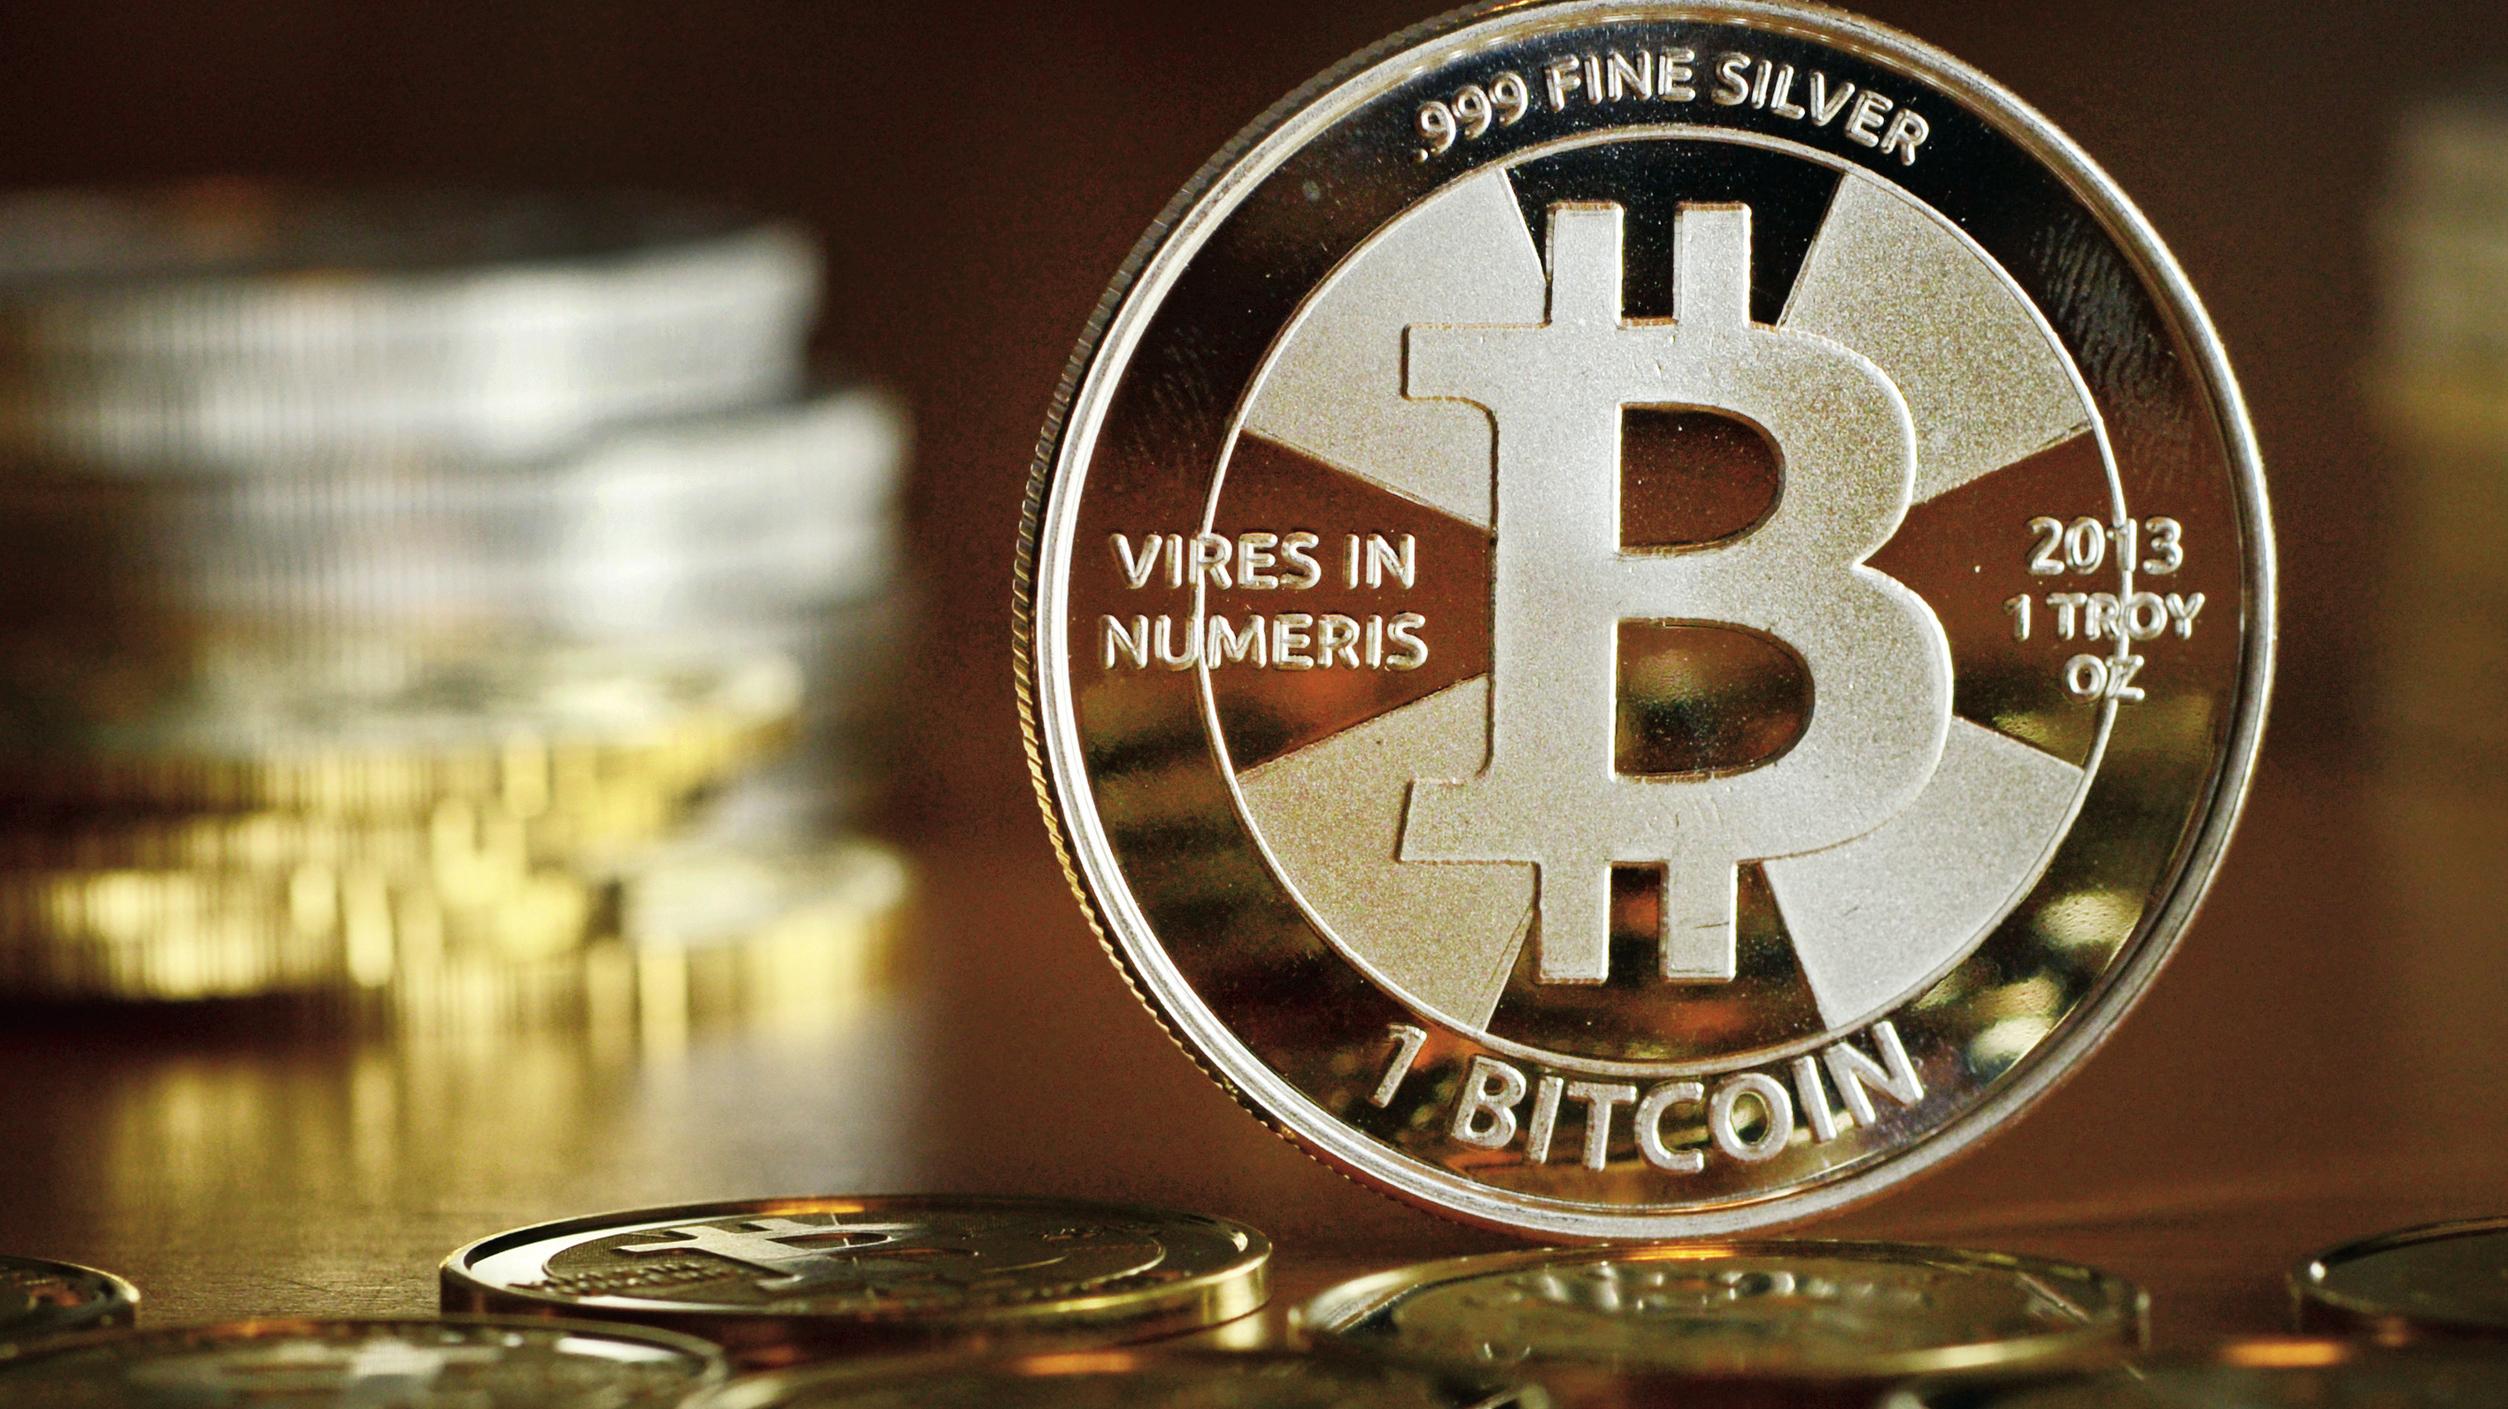 kryptische währung bitcoin wie könnte ich reich werden?